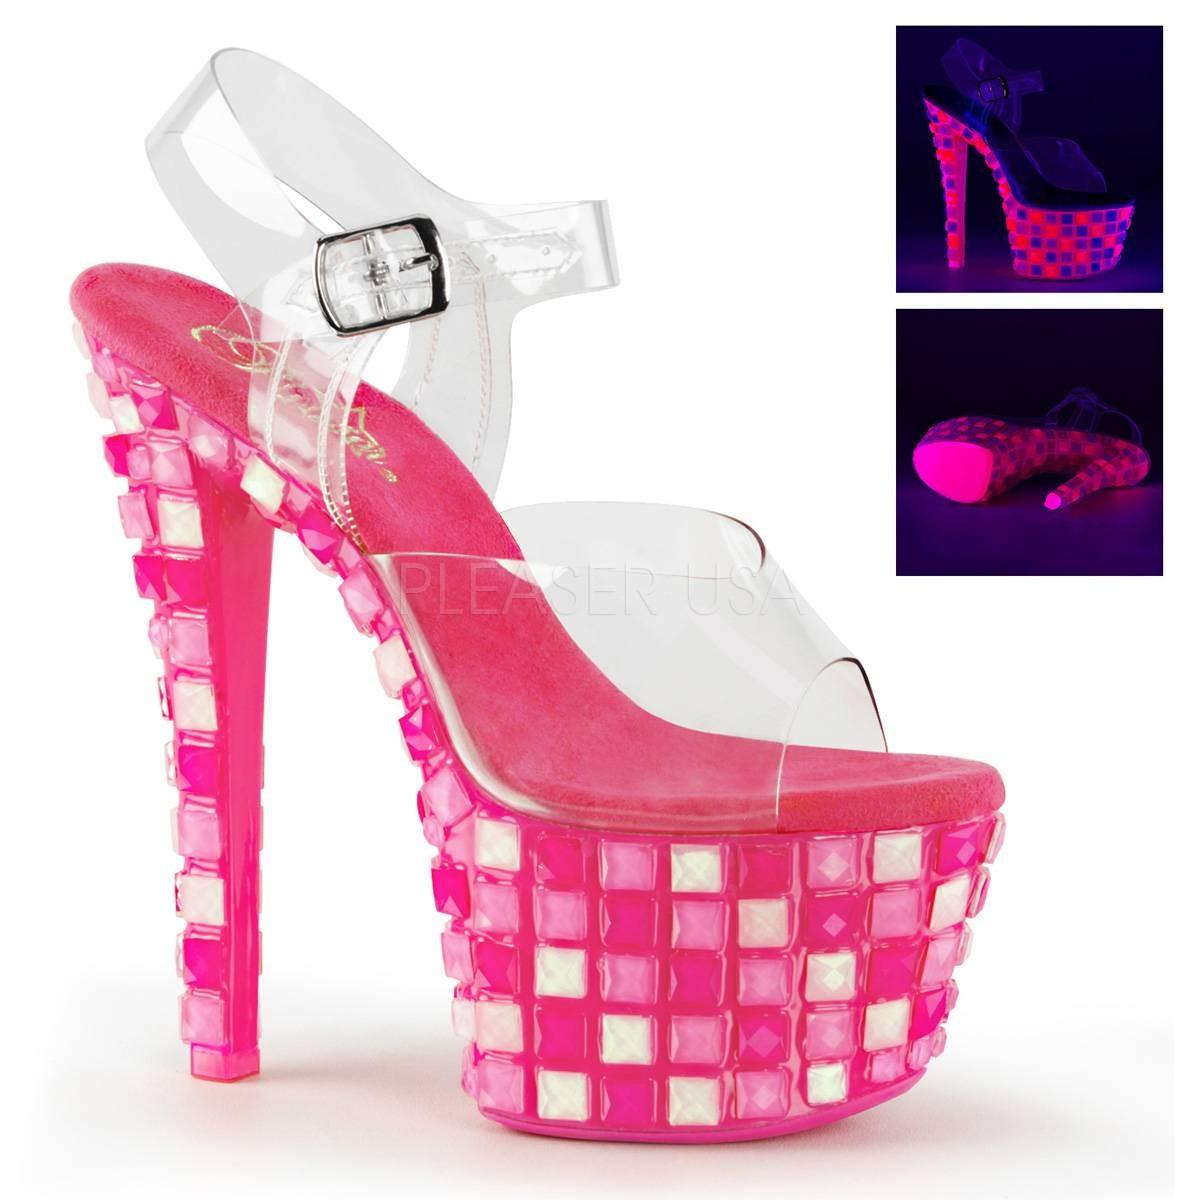 Highheels für Frauen - SKY 308UVTL ° Damen Sandalette ° Transparent Matt ° Pleaser  - Onlineshop RedSixty